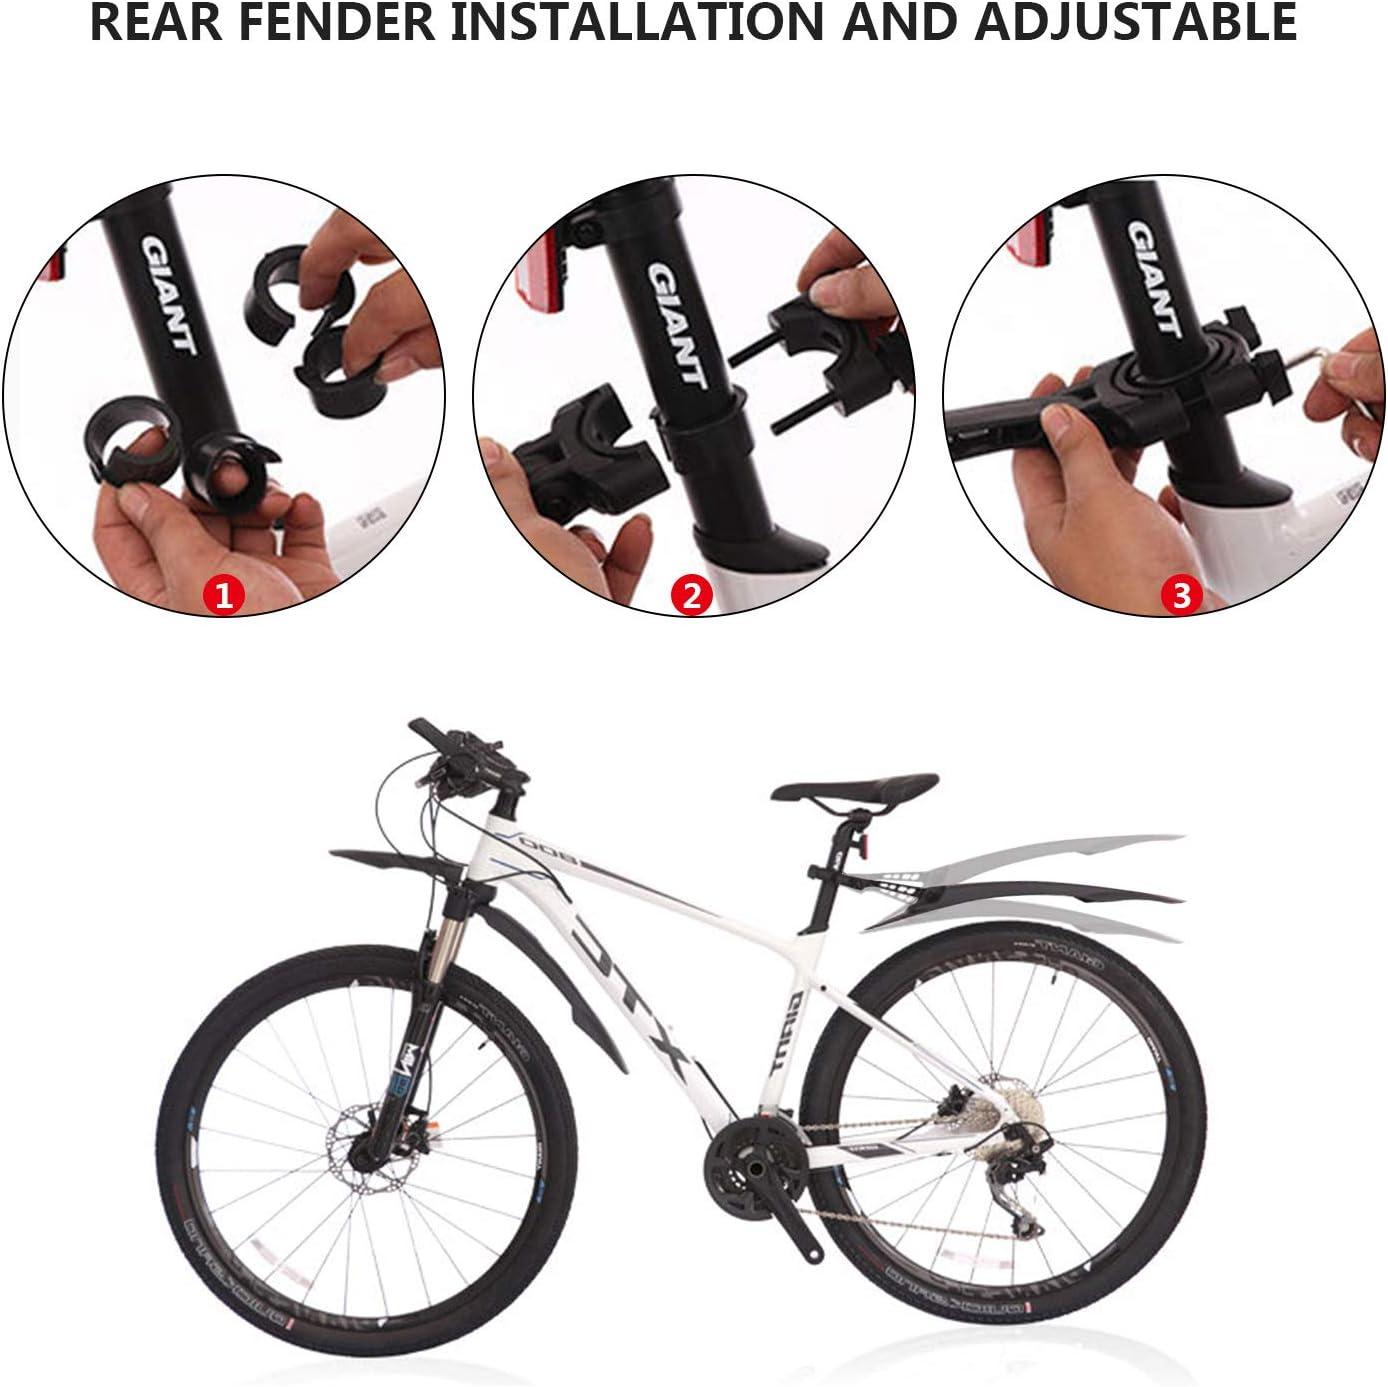 Diealles Shine Fahrrad Schutzbleche Set schutzblech Spritzschutz Fahrrad Mountainbike Mudguard Steckblech-Set f/ür 26-29 Zoll MTB Mountainbike